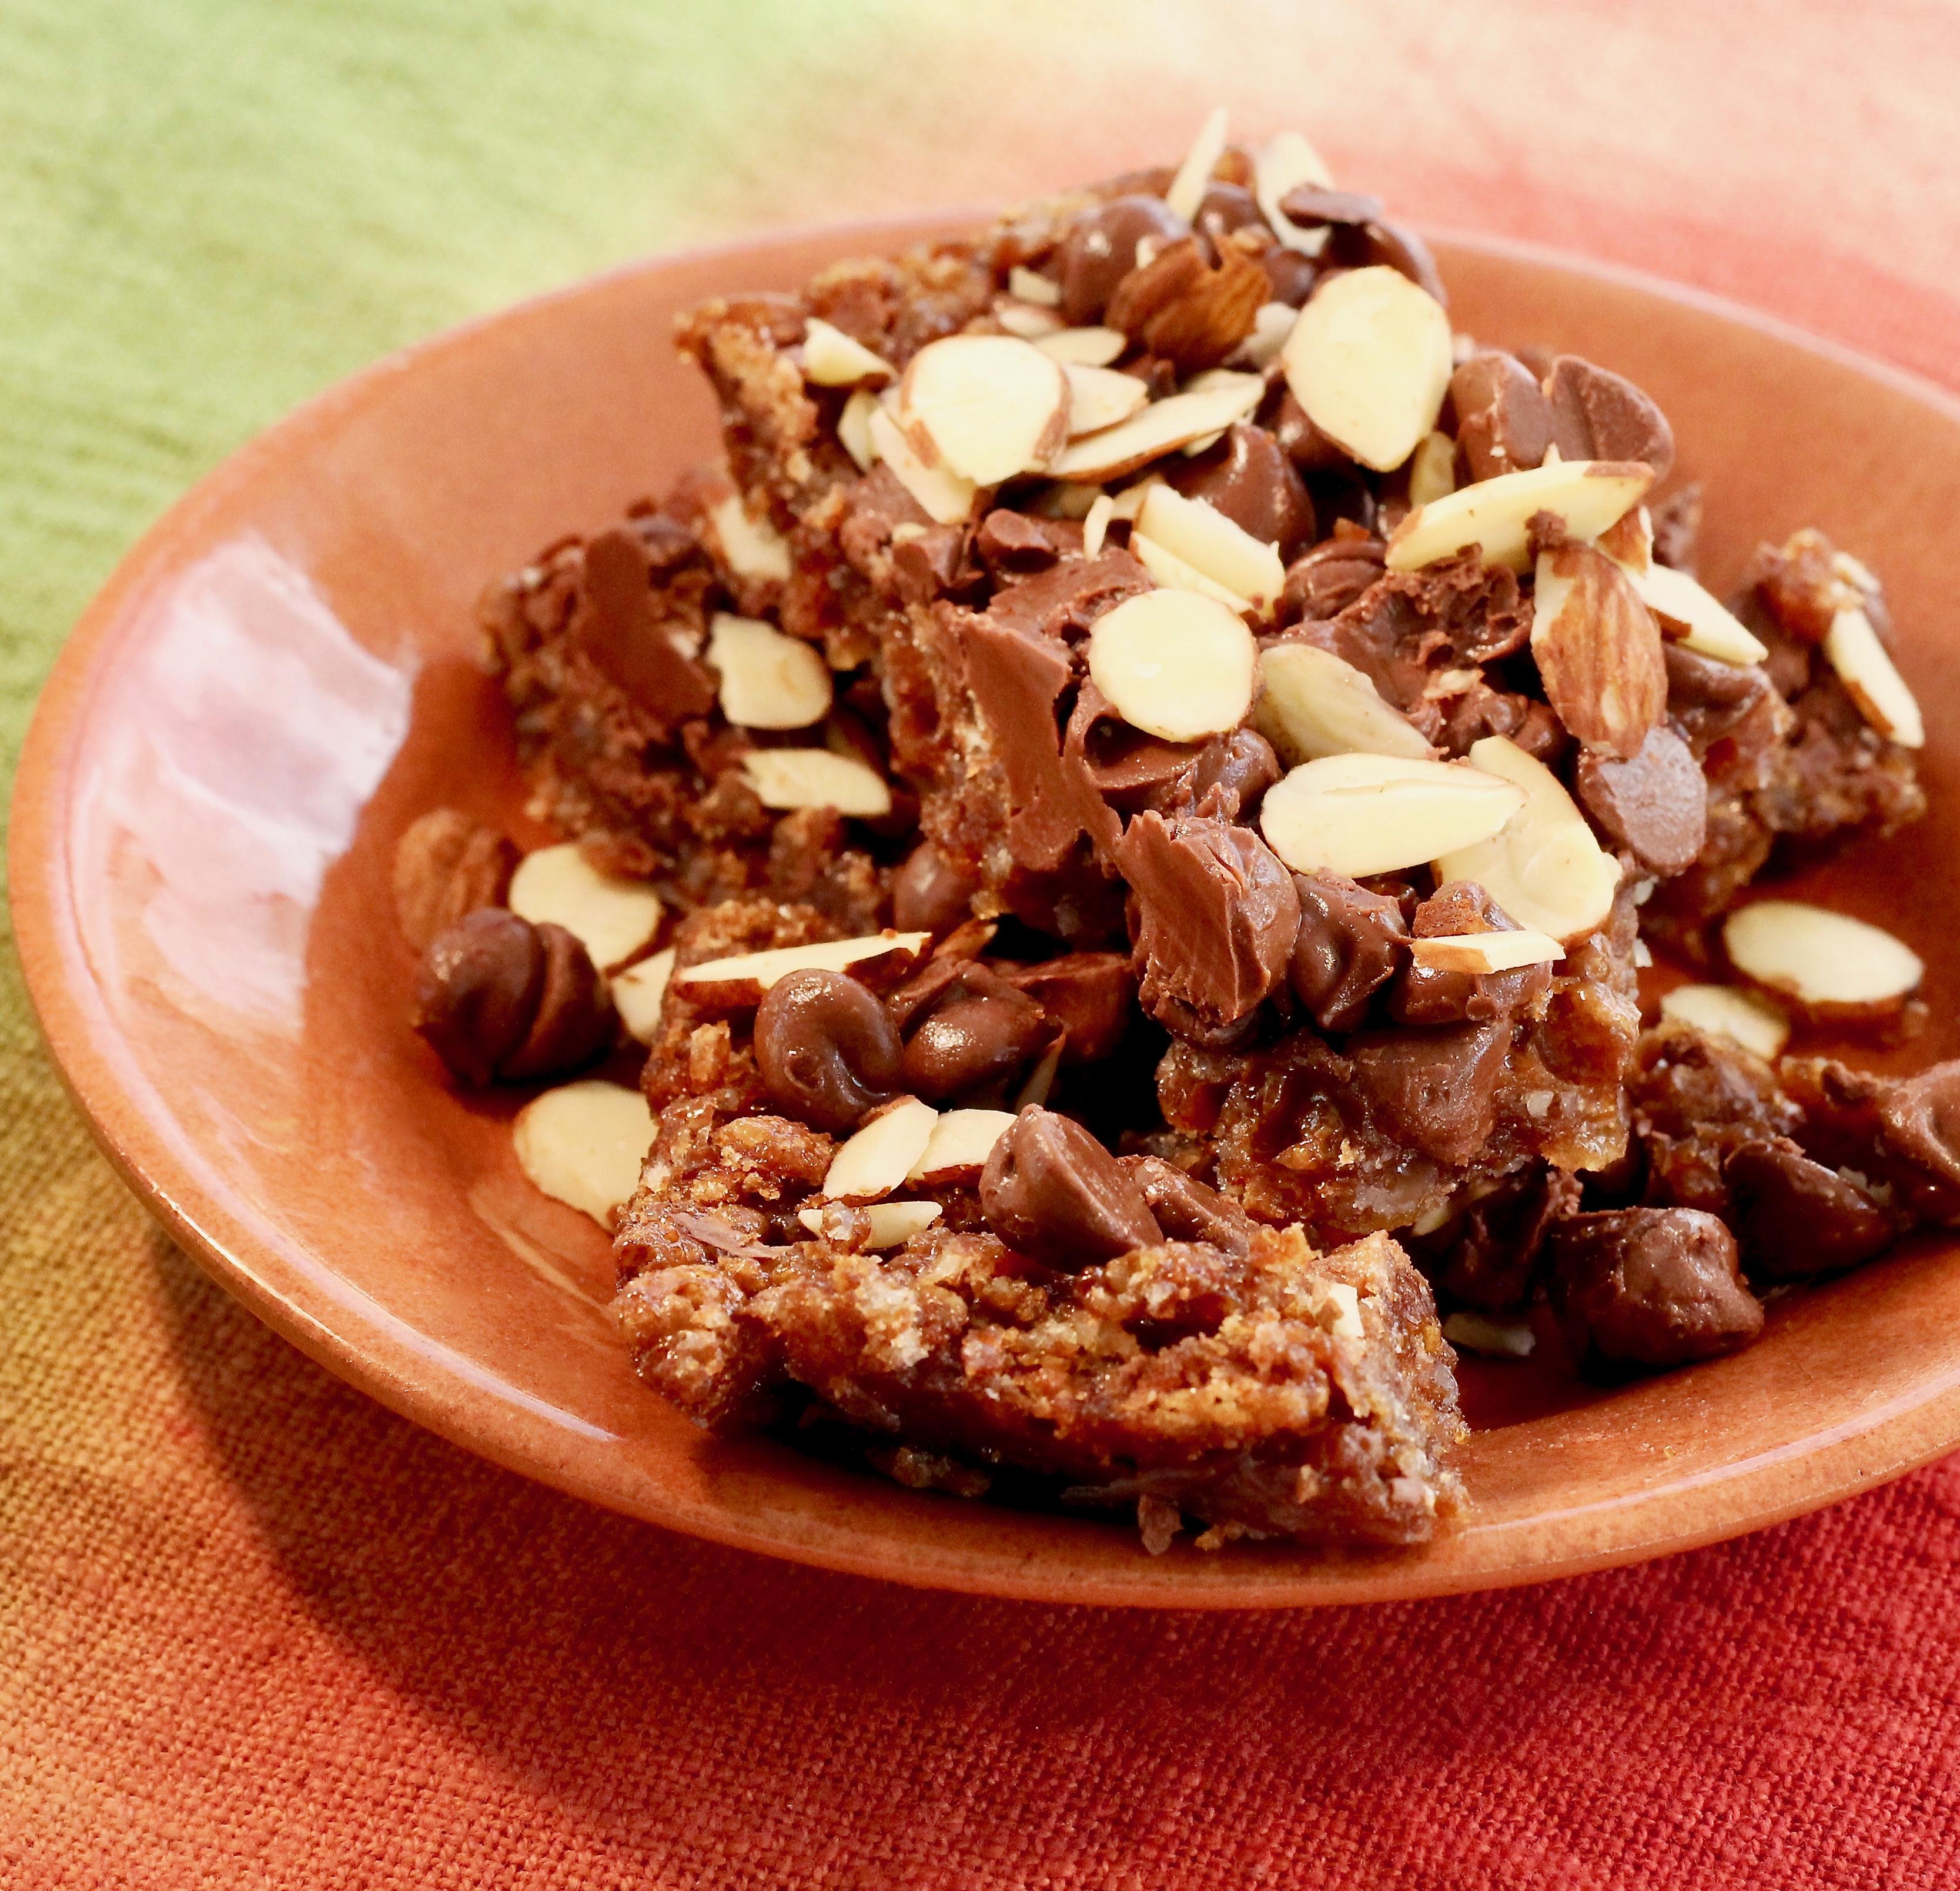 Chocolate Almond Treats